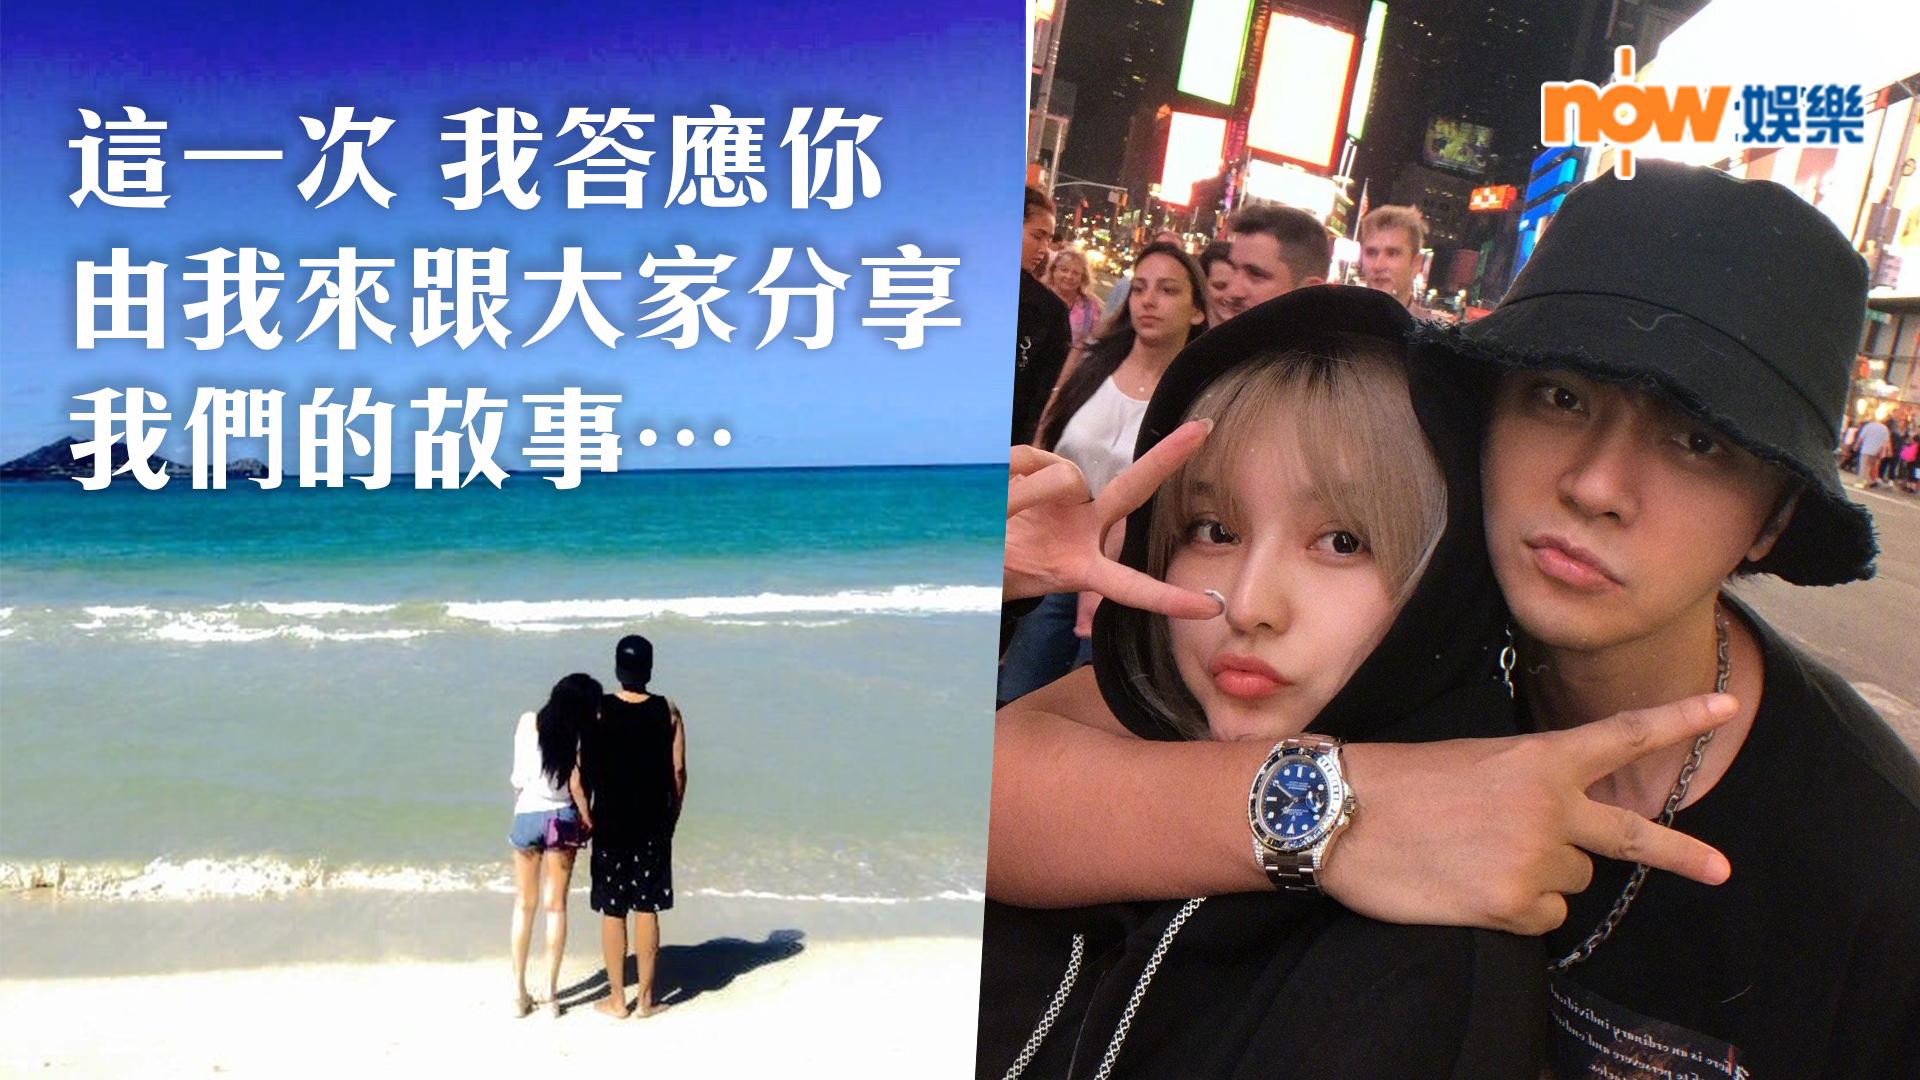 【520懺悔】羅志祥撰7千字長文謝罪周揚青 公開拍拖舊照憶9年情